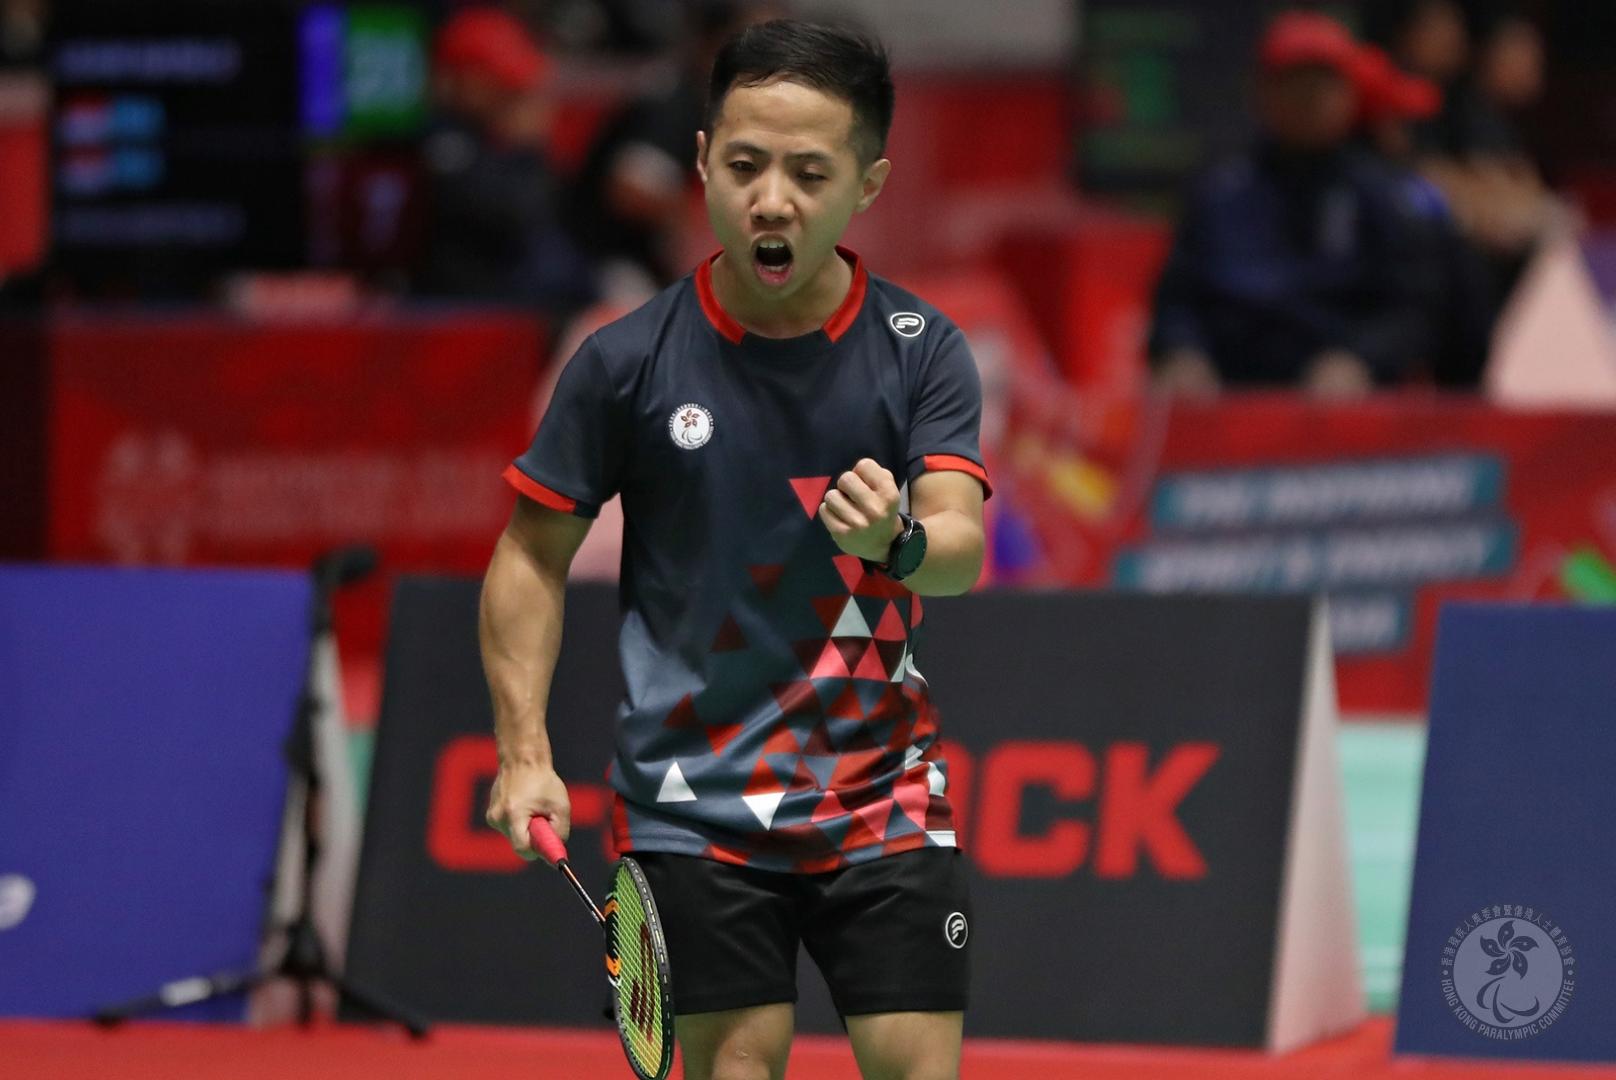 港隊奪東京2020殘奧運羽毛球男子WH2級及SH6級單打資格